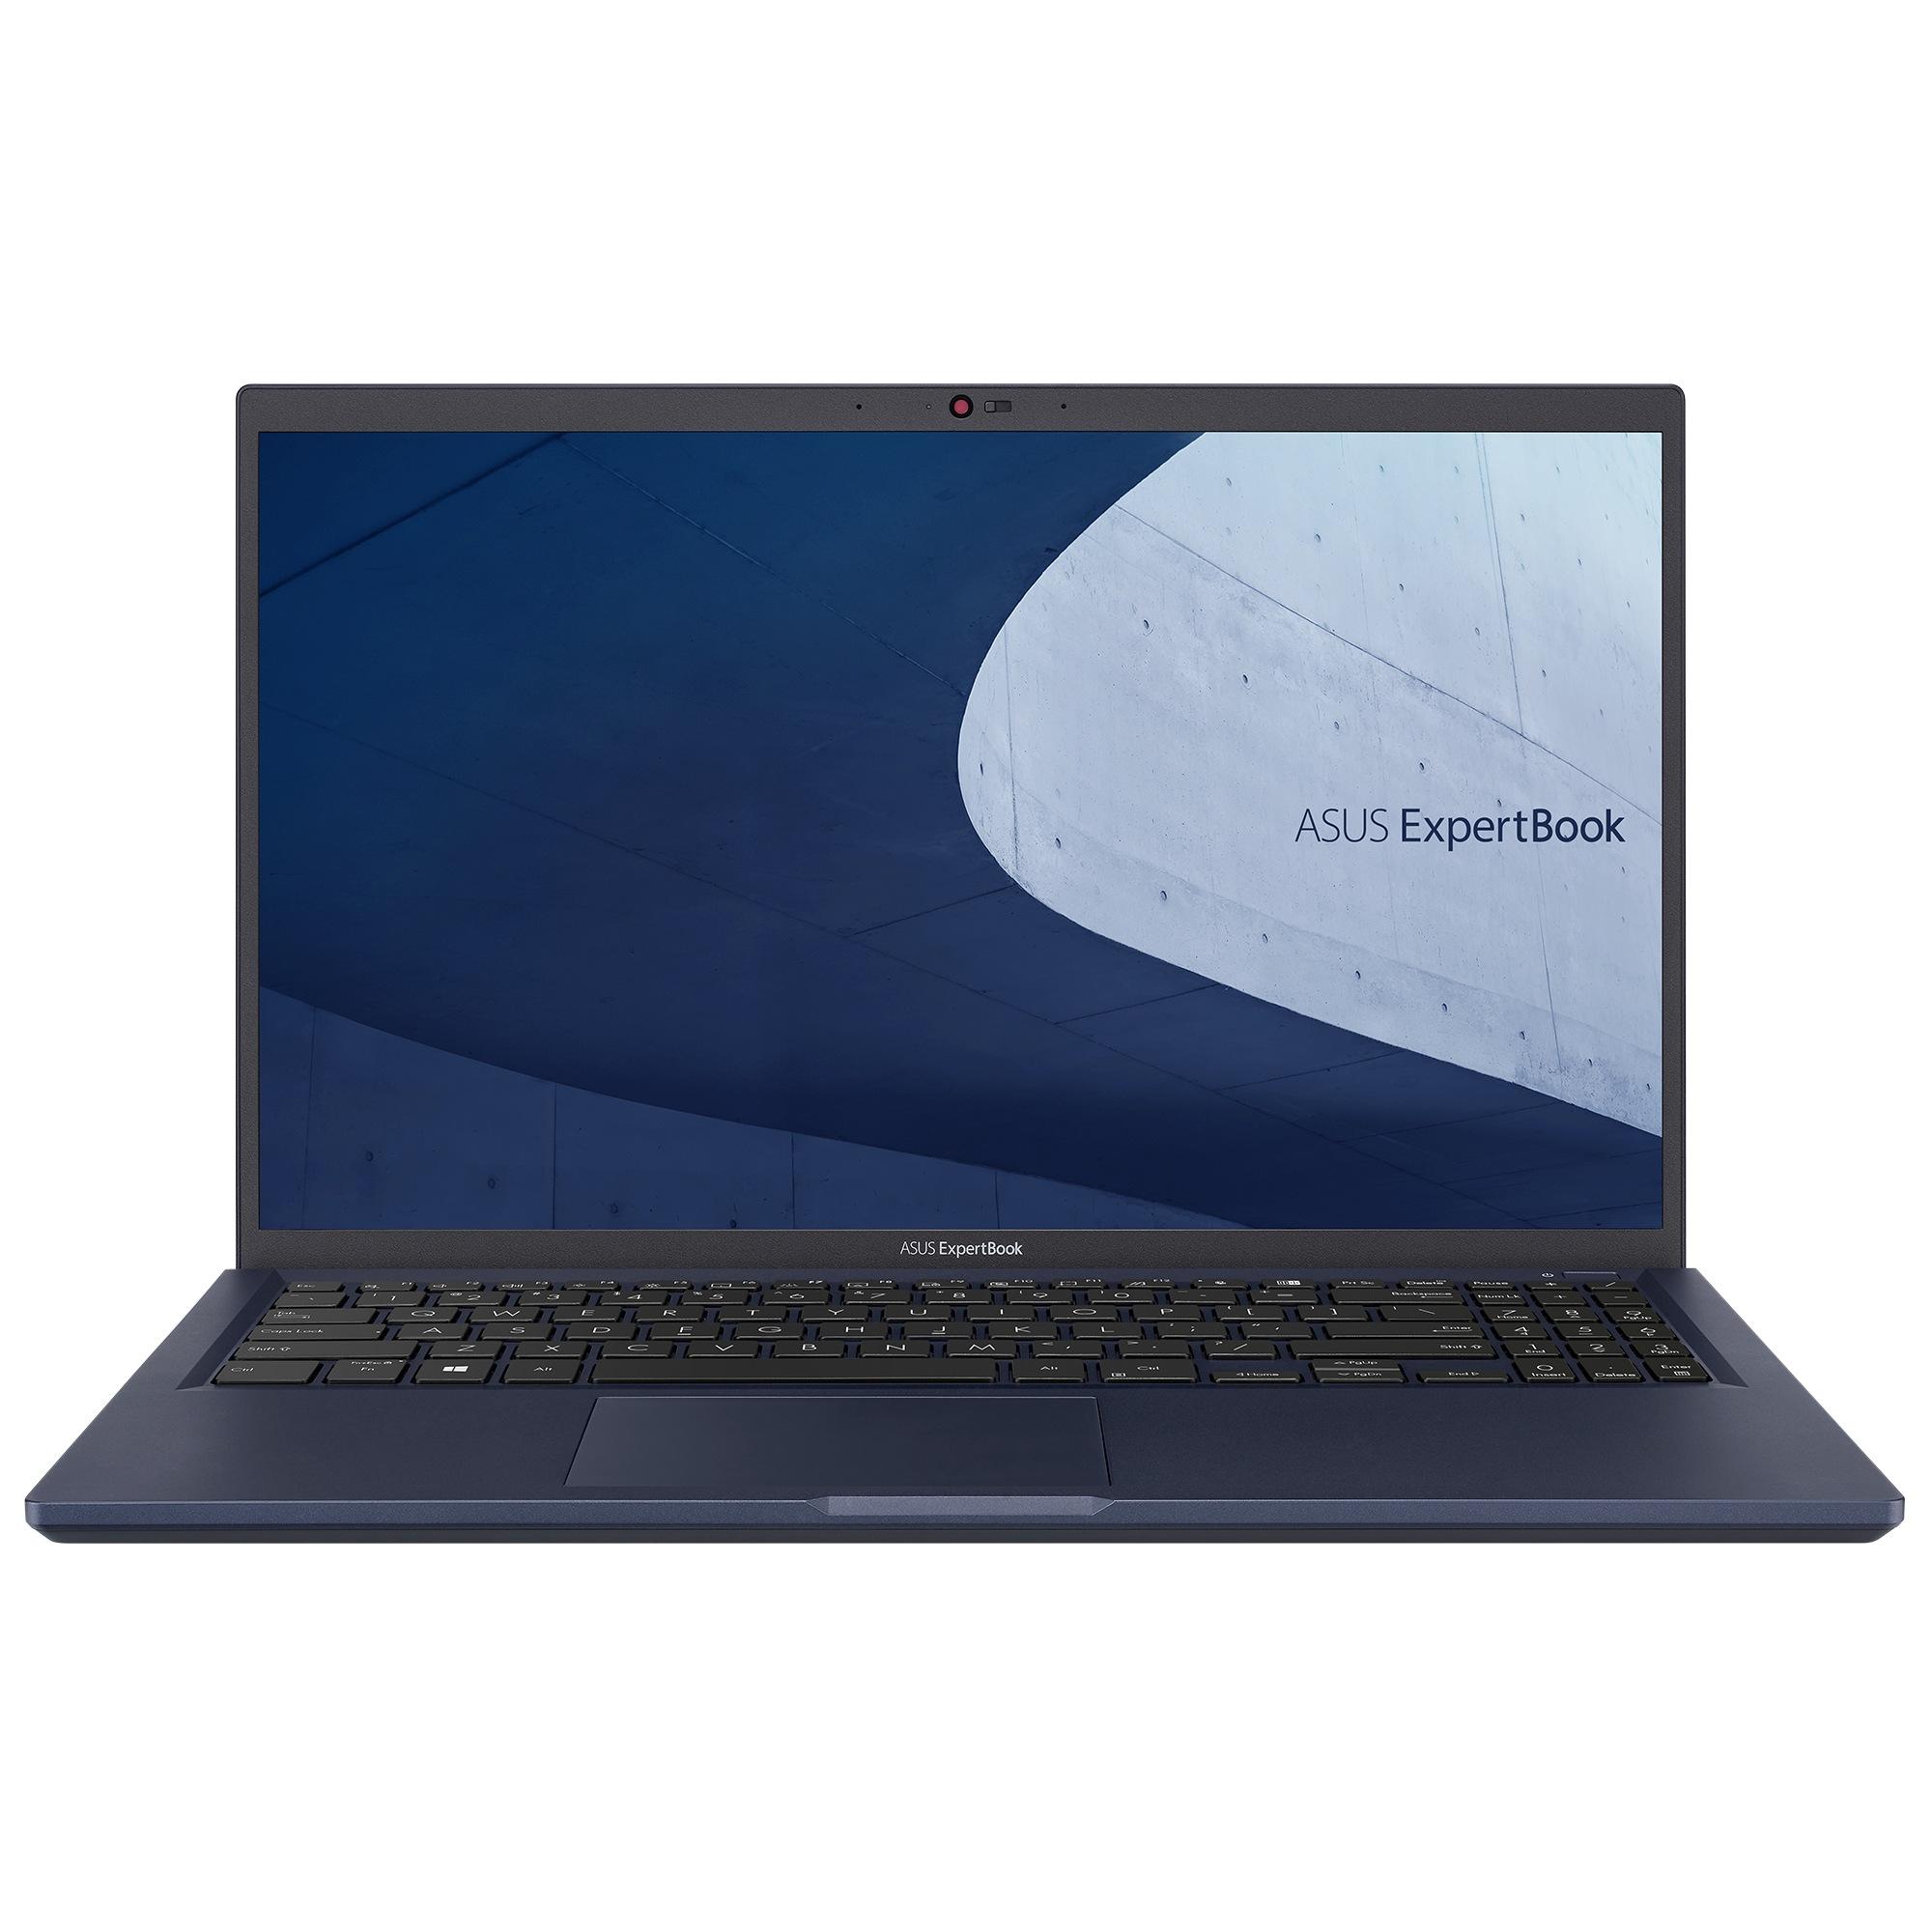 ASUS ExpertBook L1500/15,6